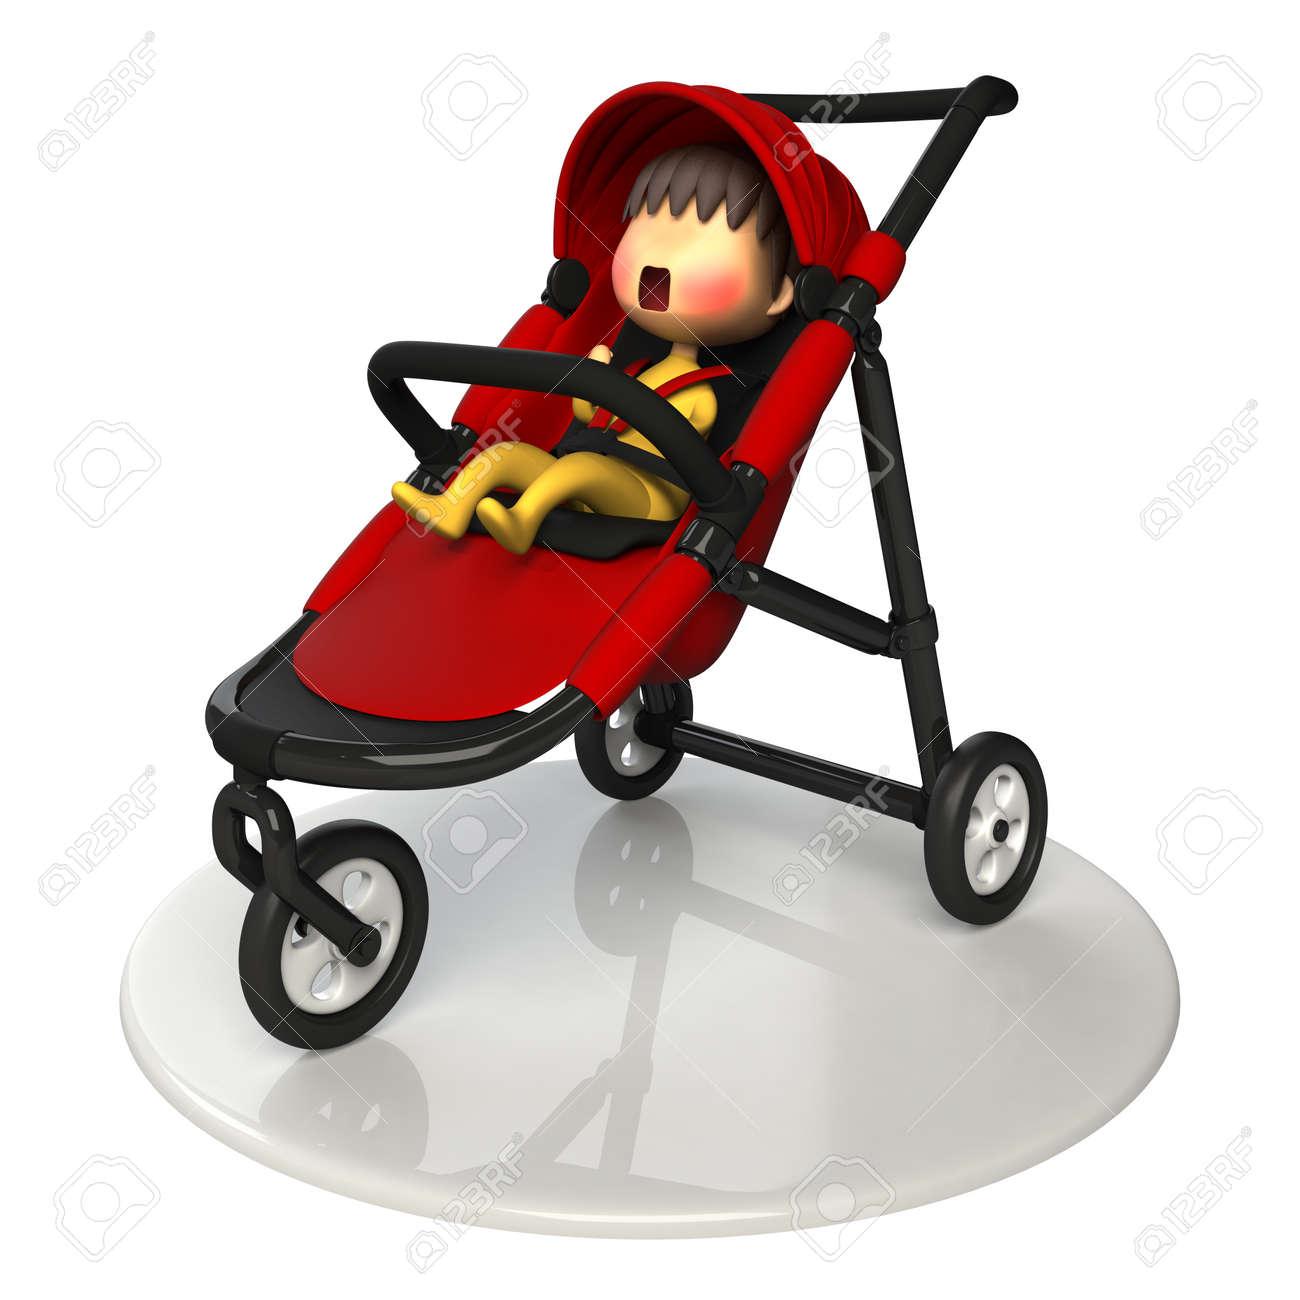 Bébé Dans La Poussette Banque D Images Et Photos Libres De Droits ... c0a1a5352038